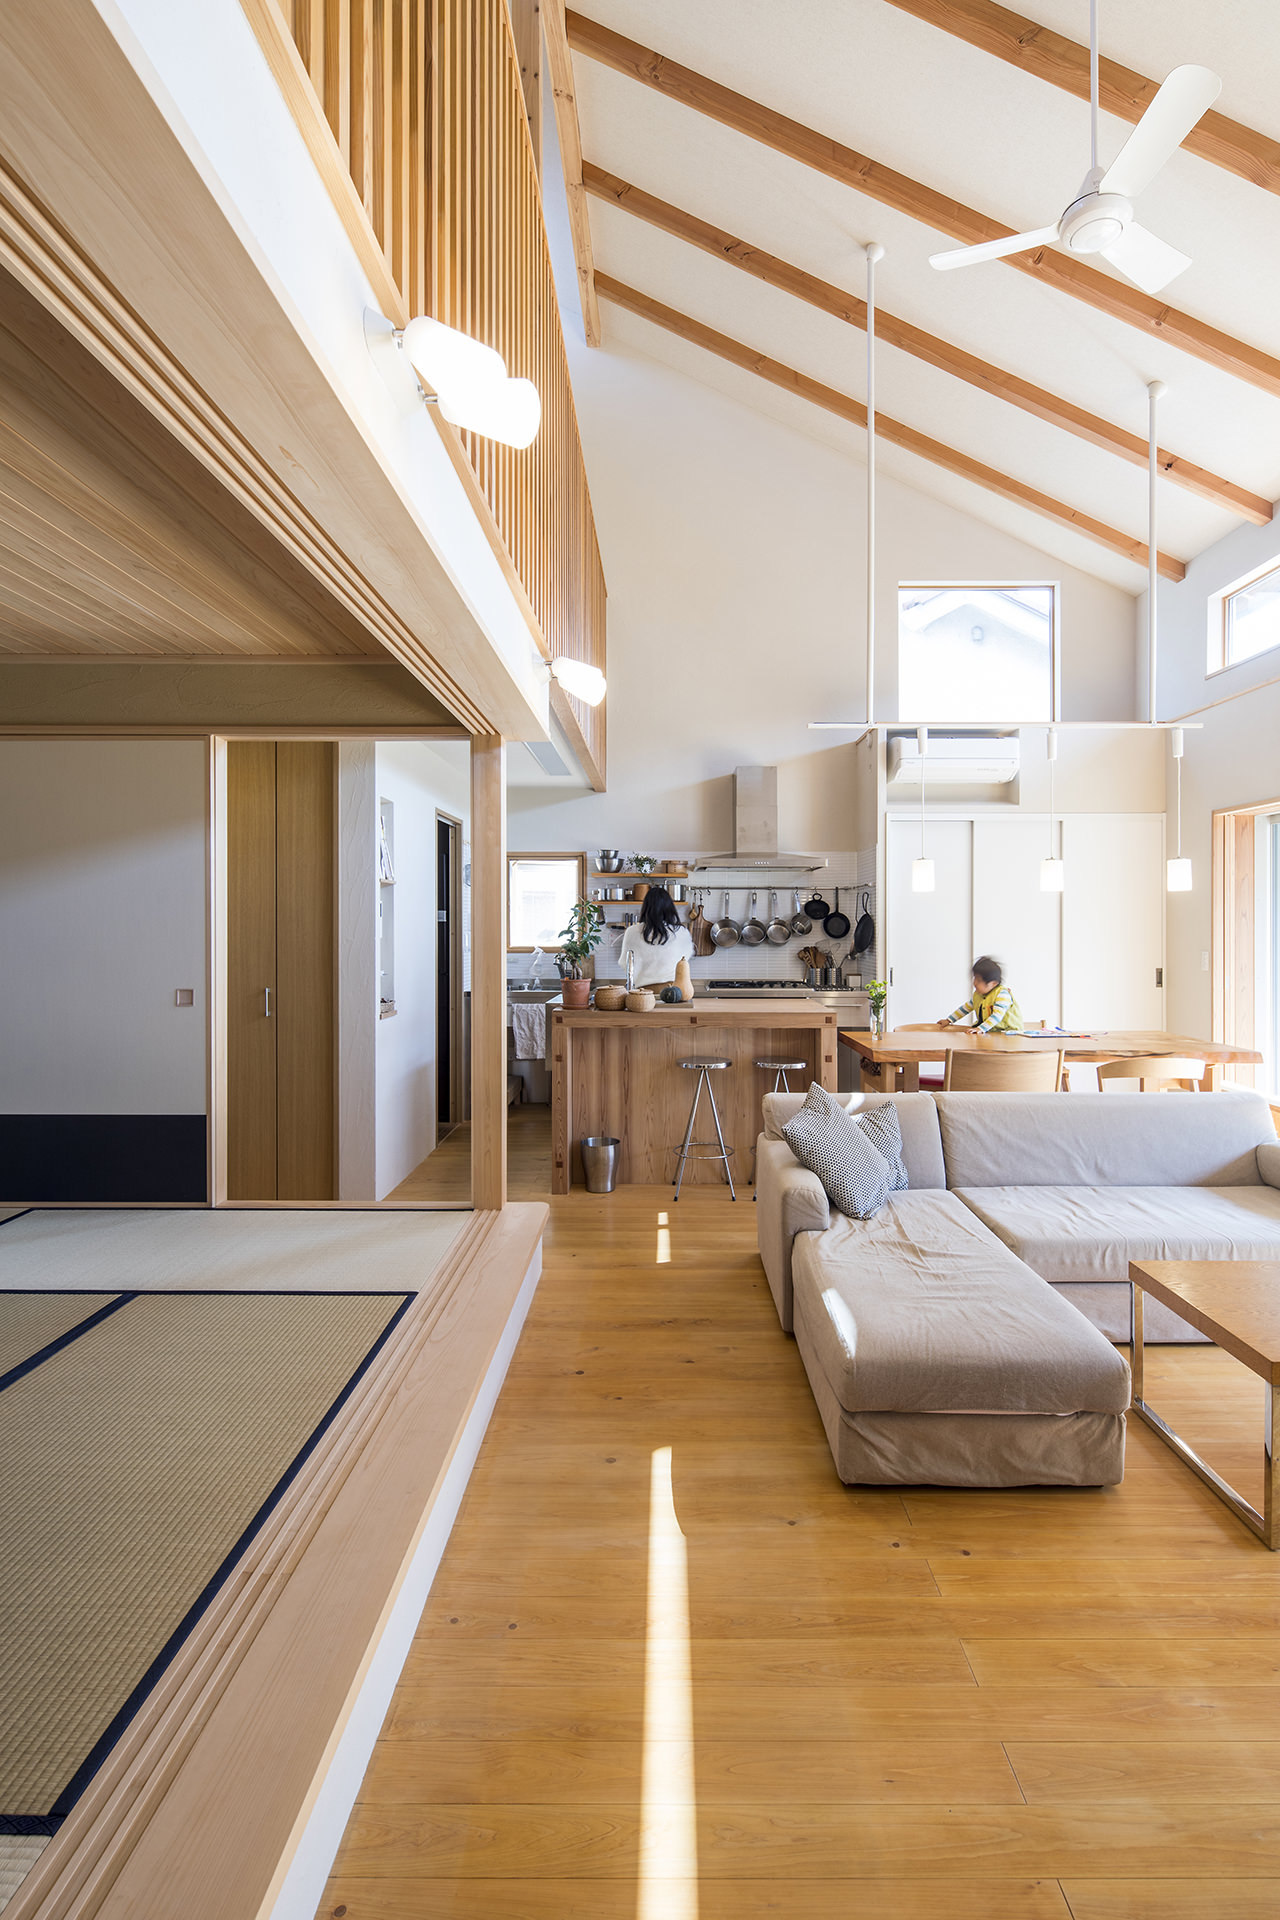 家族を結びつける大屋根の家 イメージ2 撮影:東涌写真事務所・東涌宏和